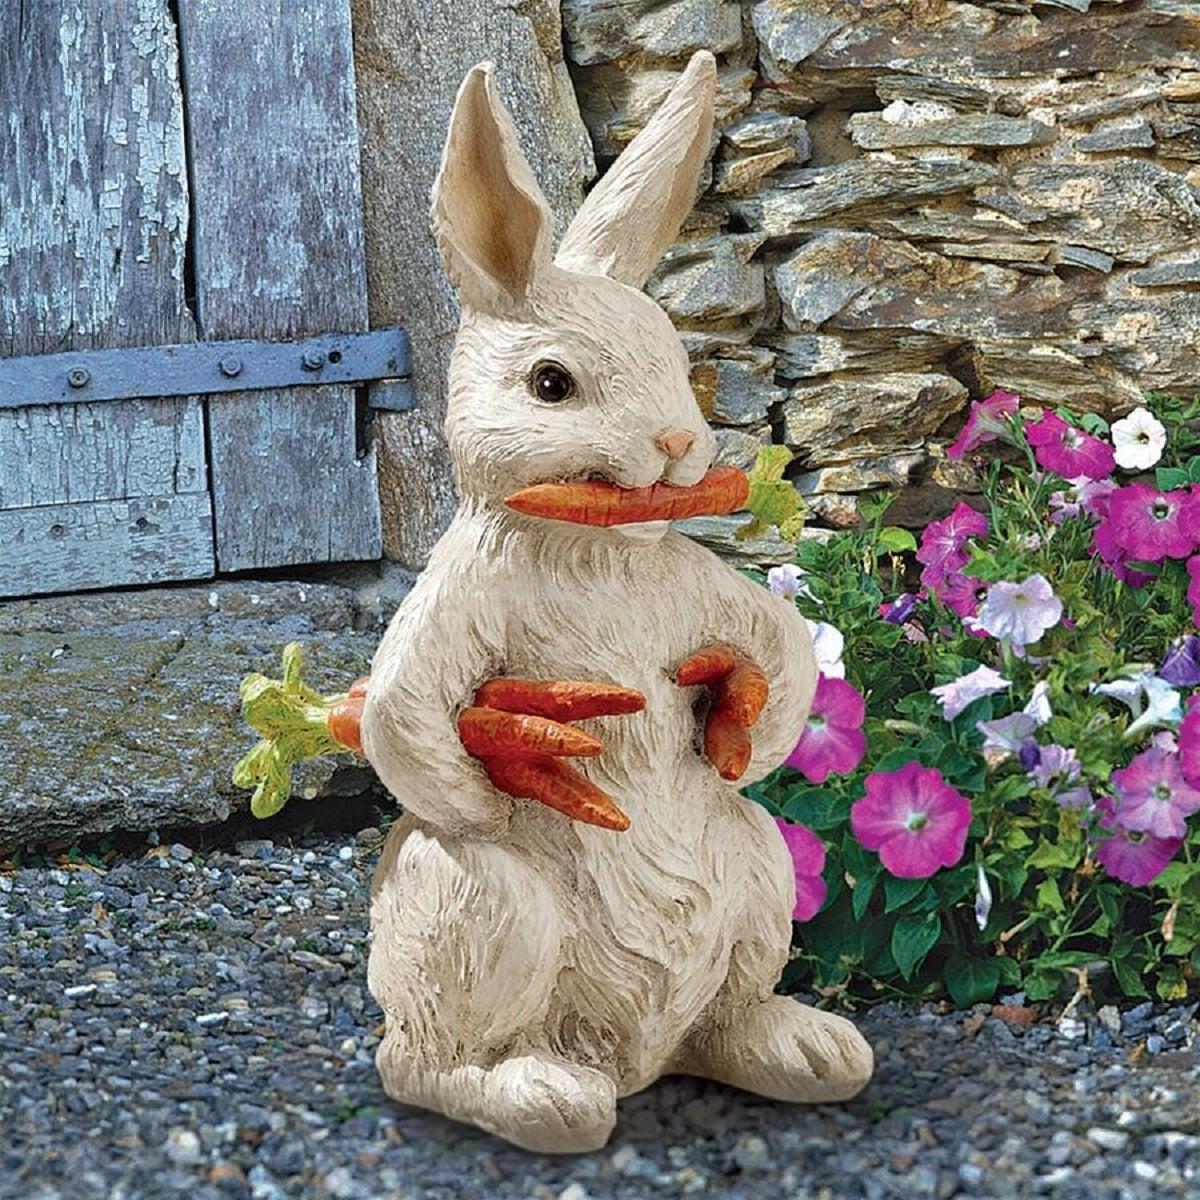 12 5 Carrot Holding Bunny Rabbit Outdoor Garden Statue Overstock 29613037